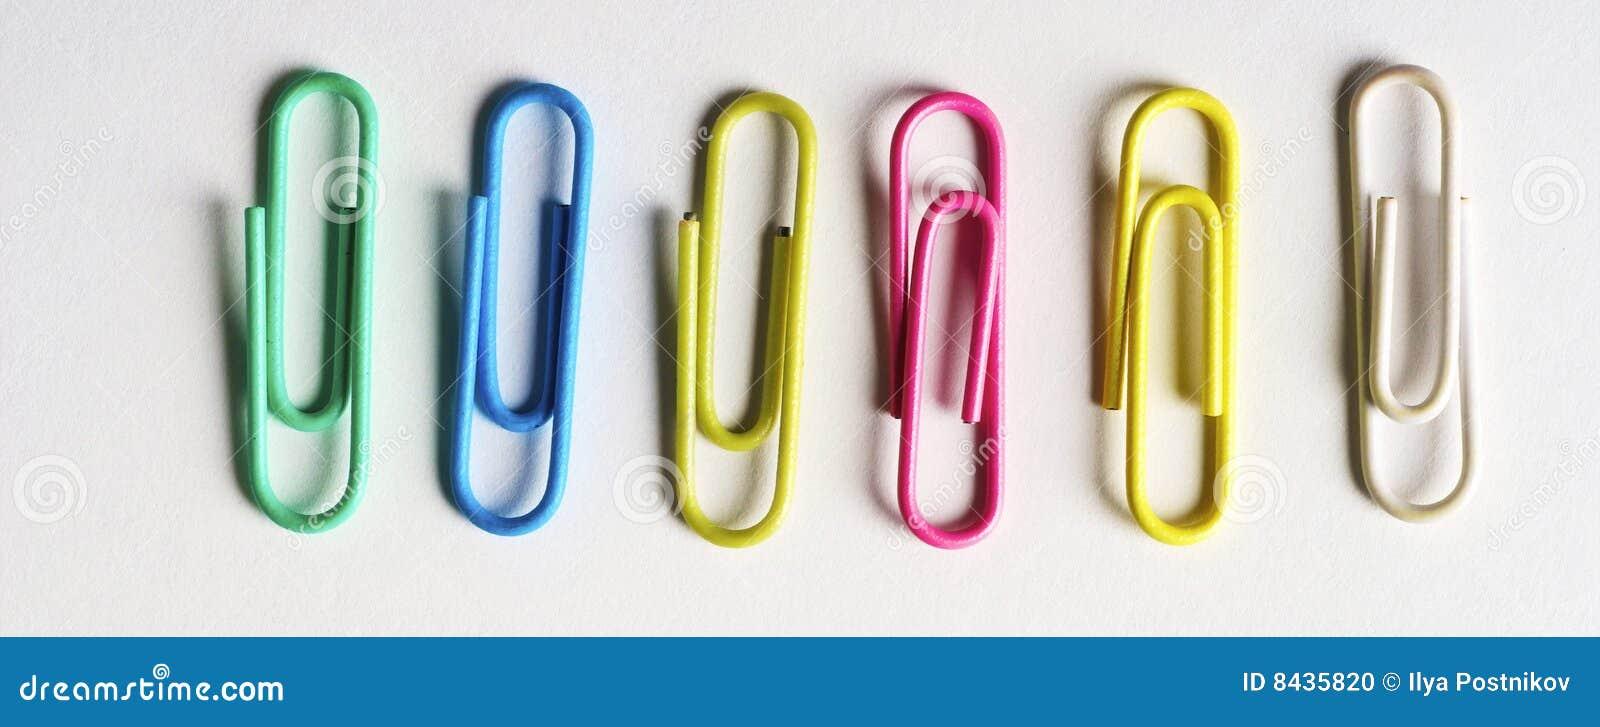 Colored clip